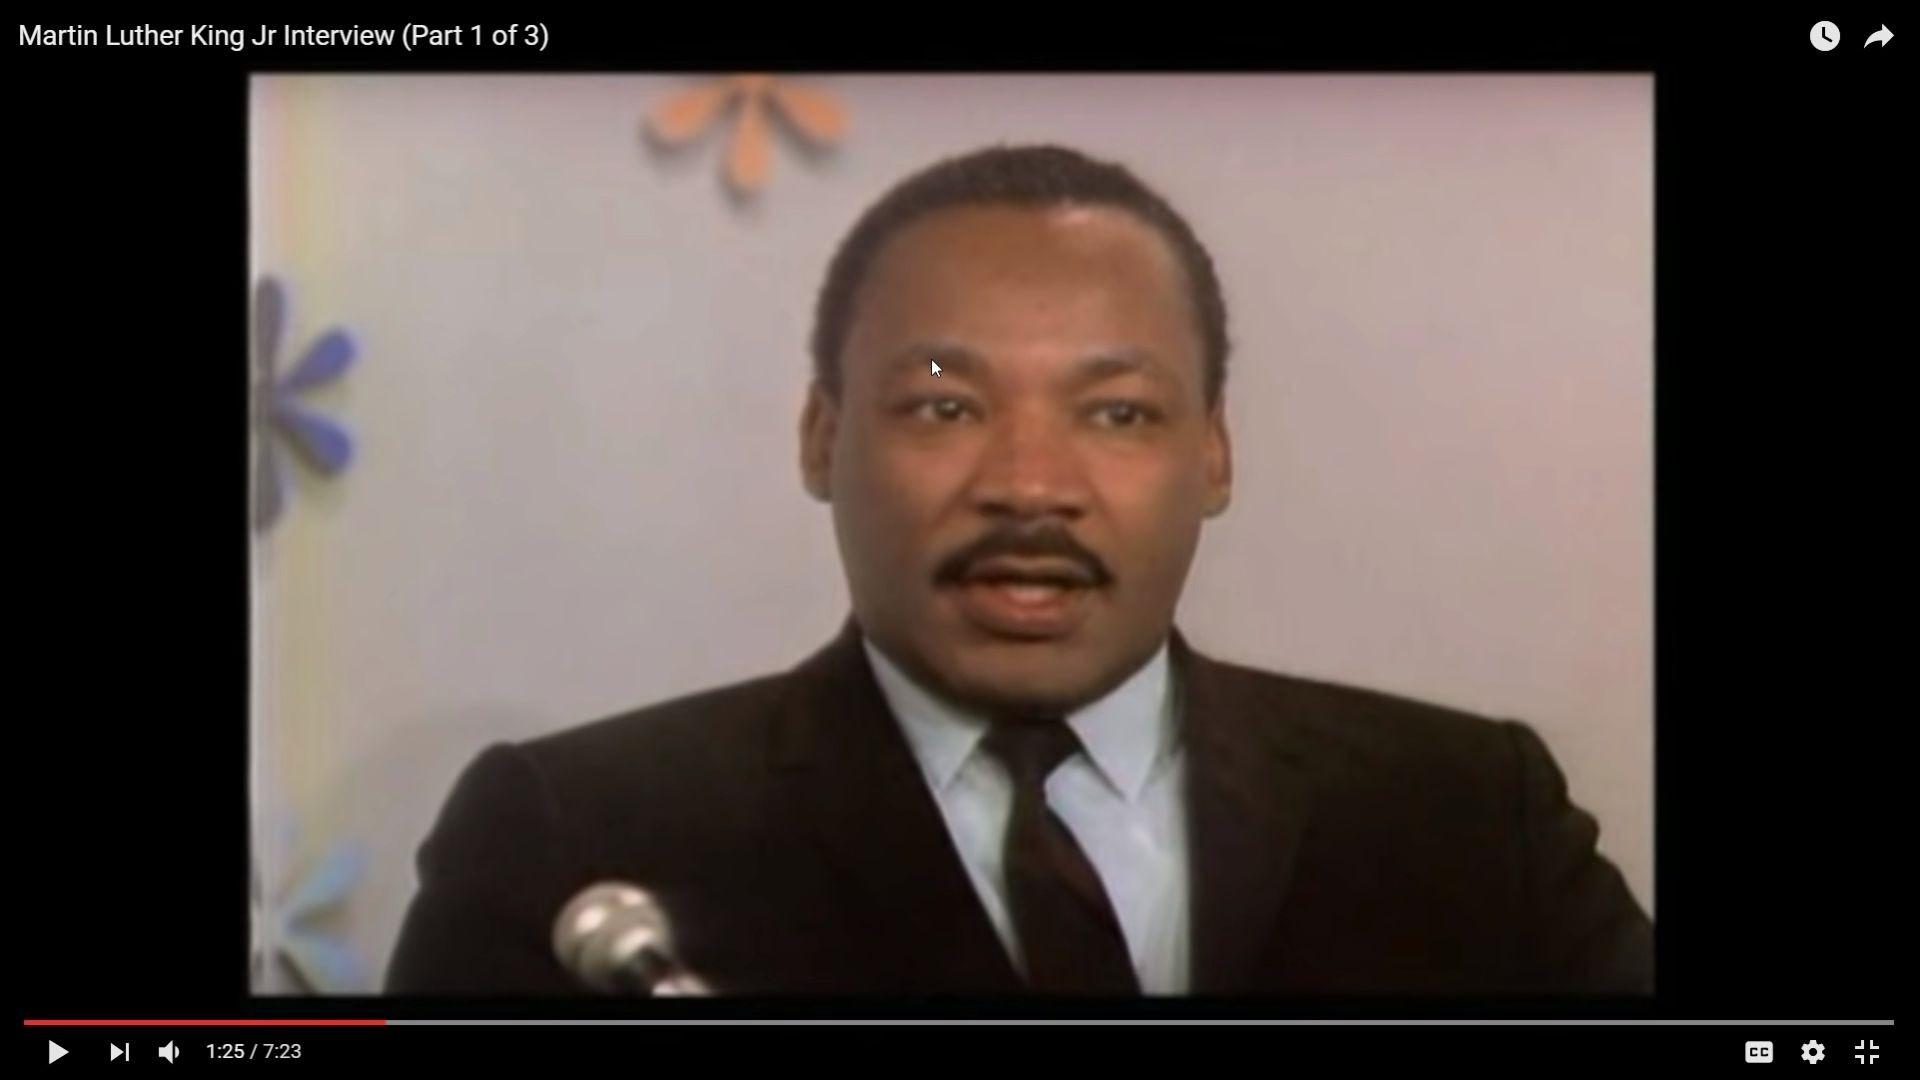 Body Language - Martin Luther King Jr.